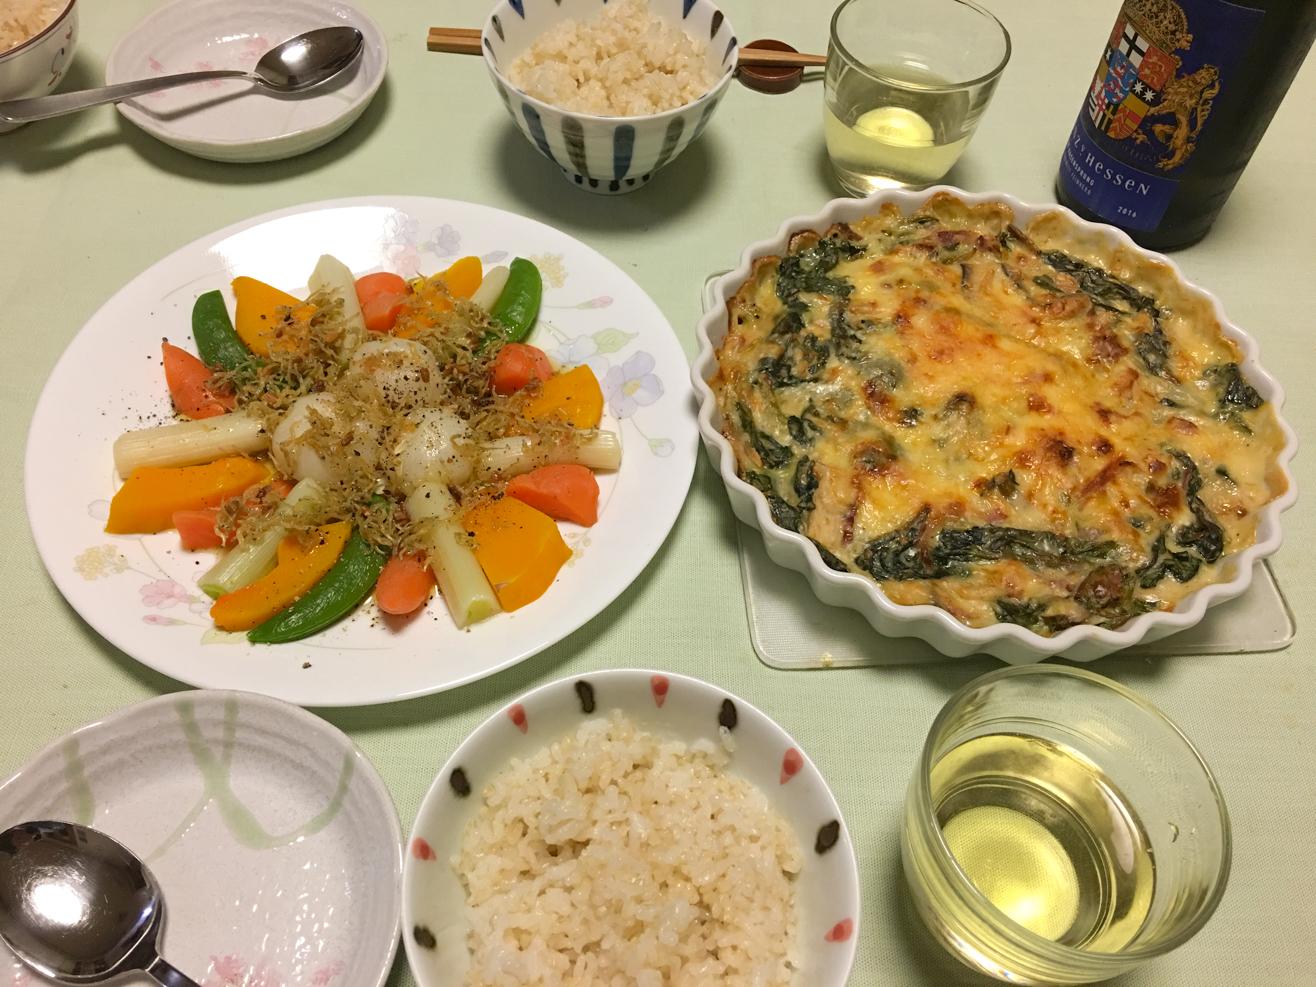 レンチン野菜 with アヒージョソース中心の夕食の写真